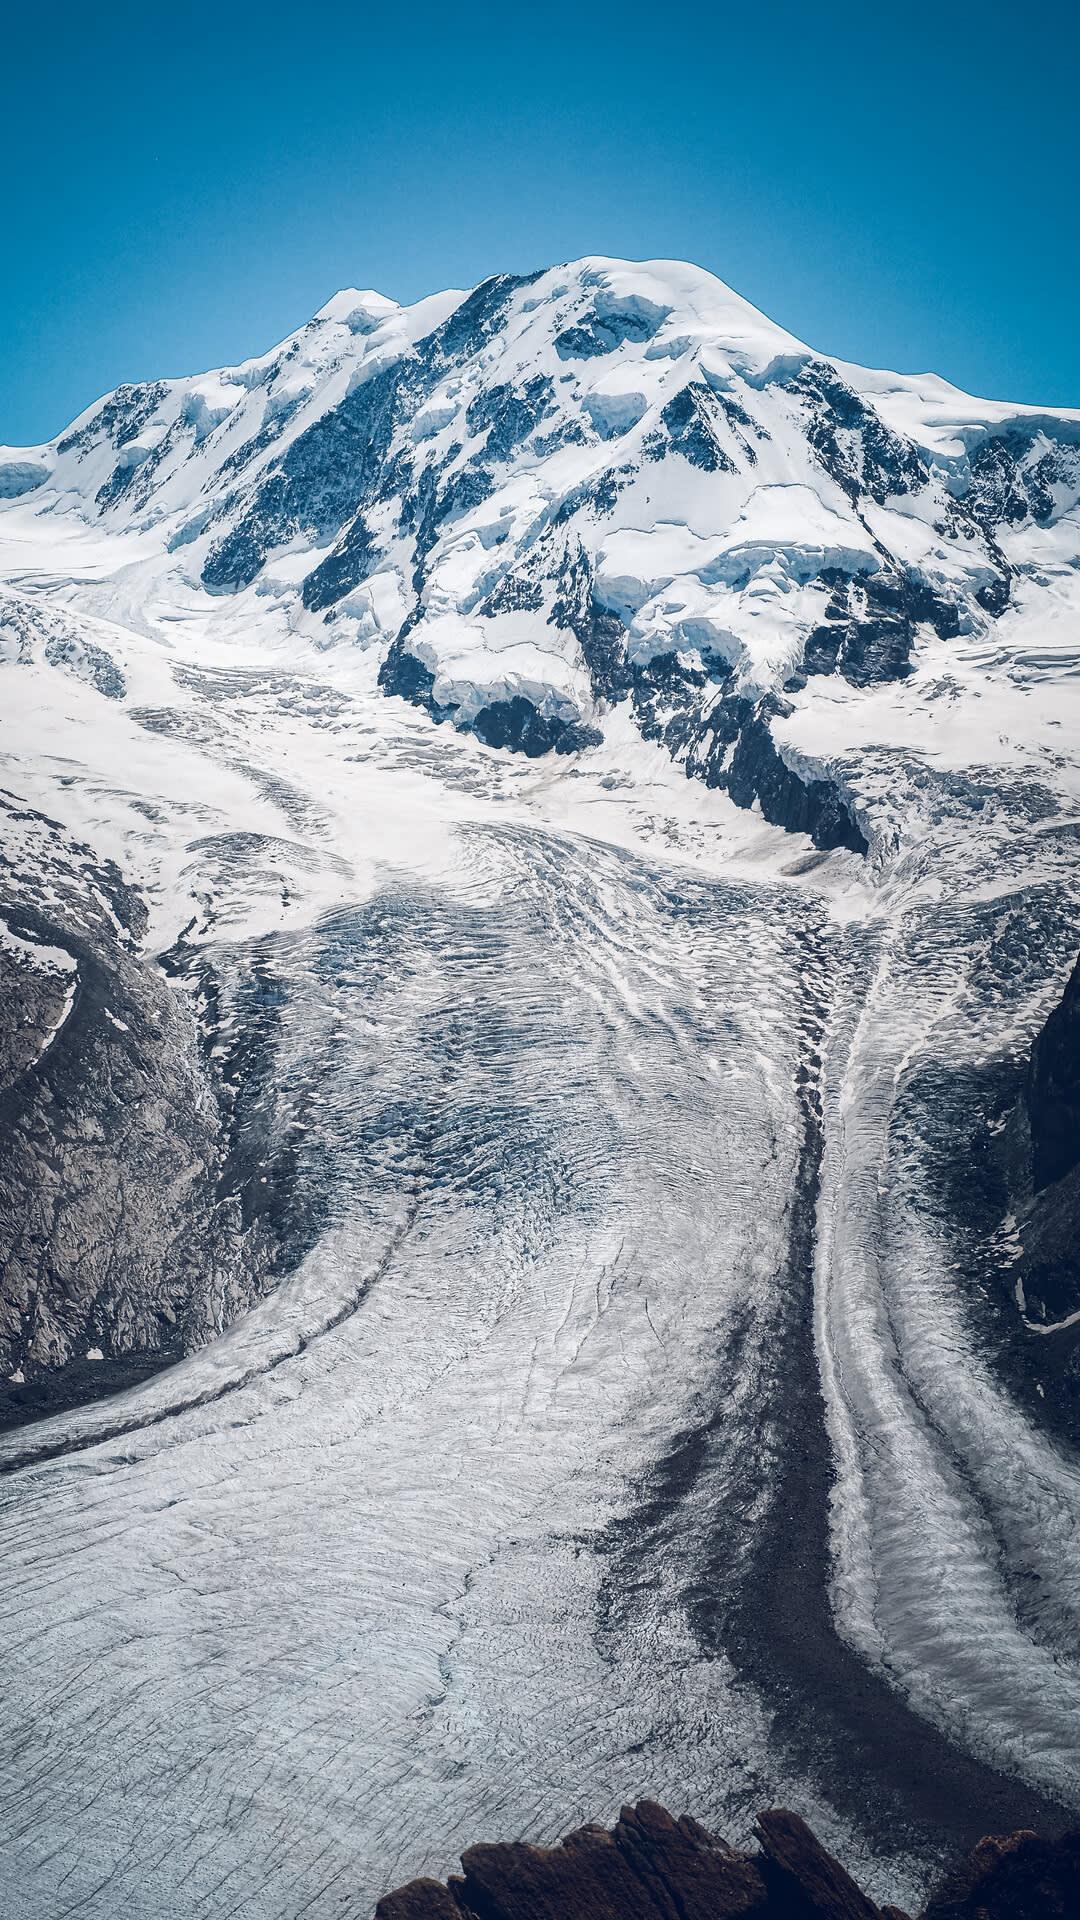 View from Gornergrat to the Gorner glacier and Lyskamm peak